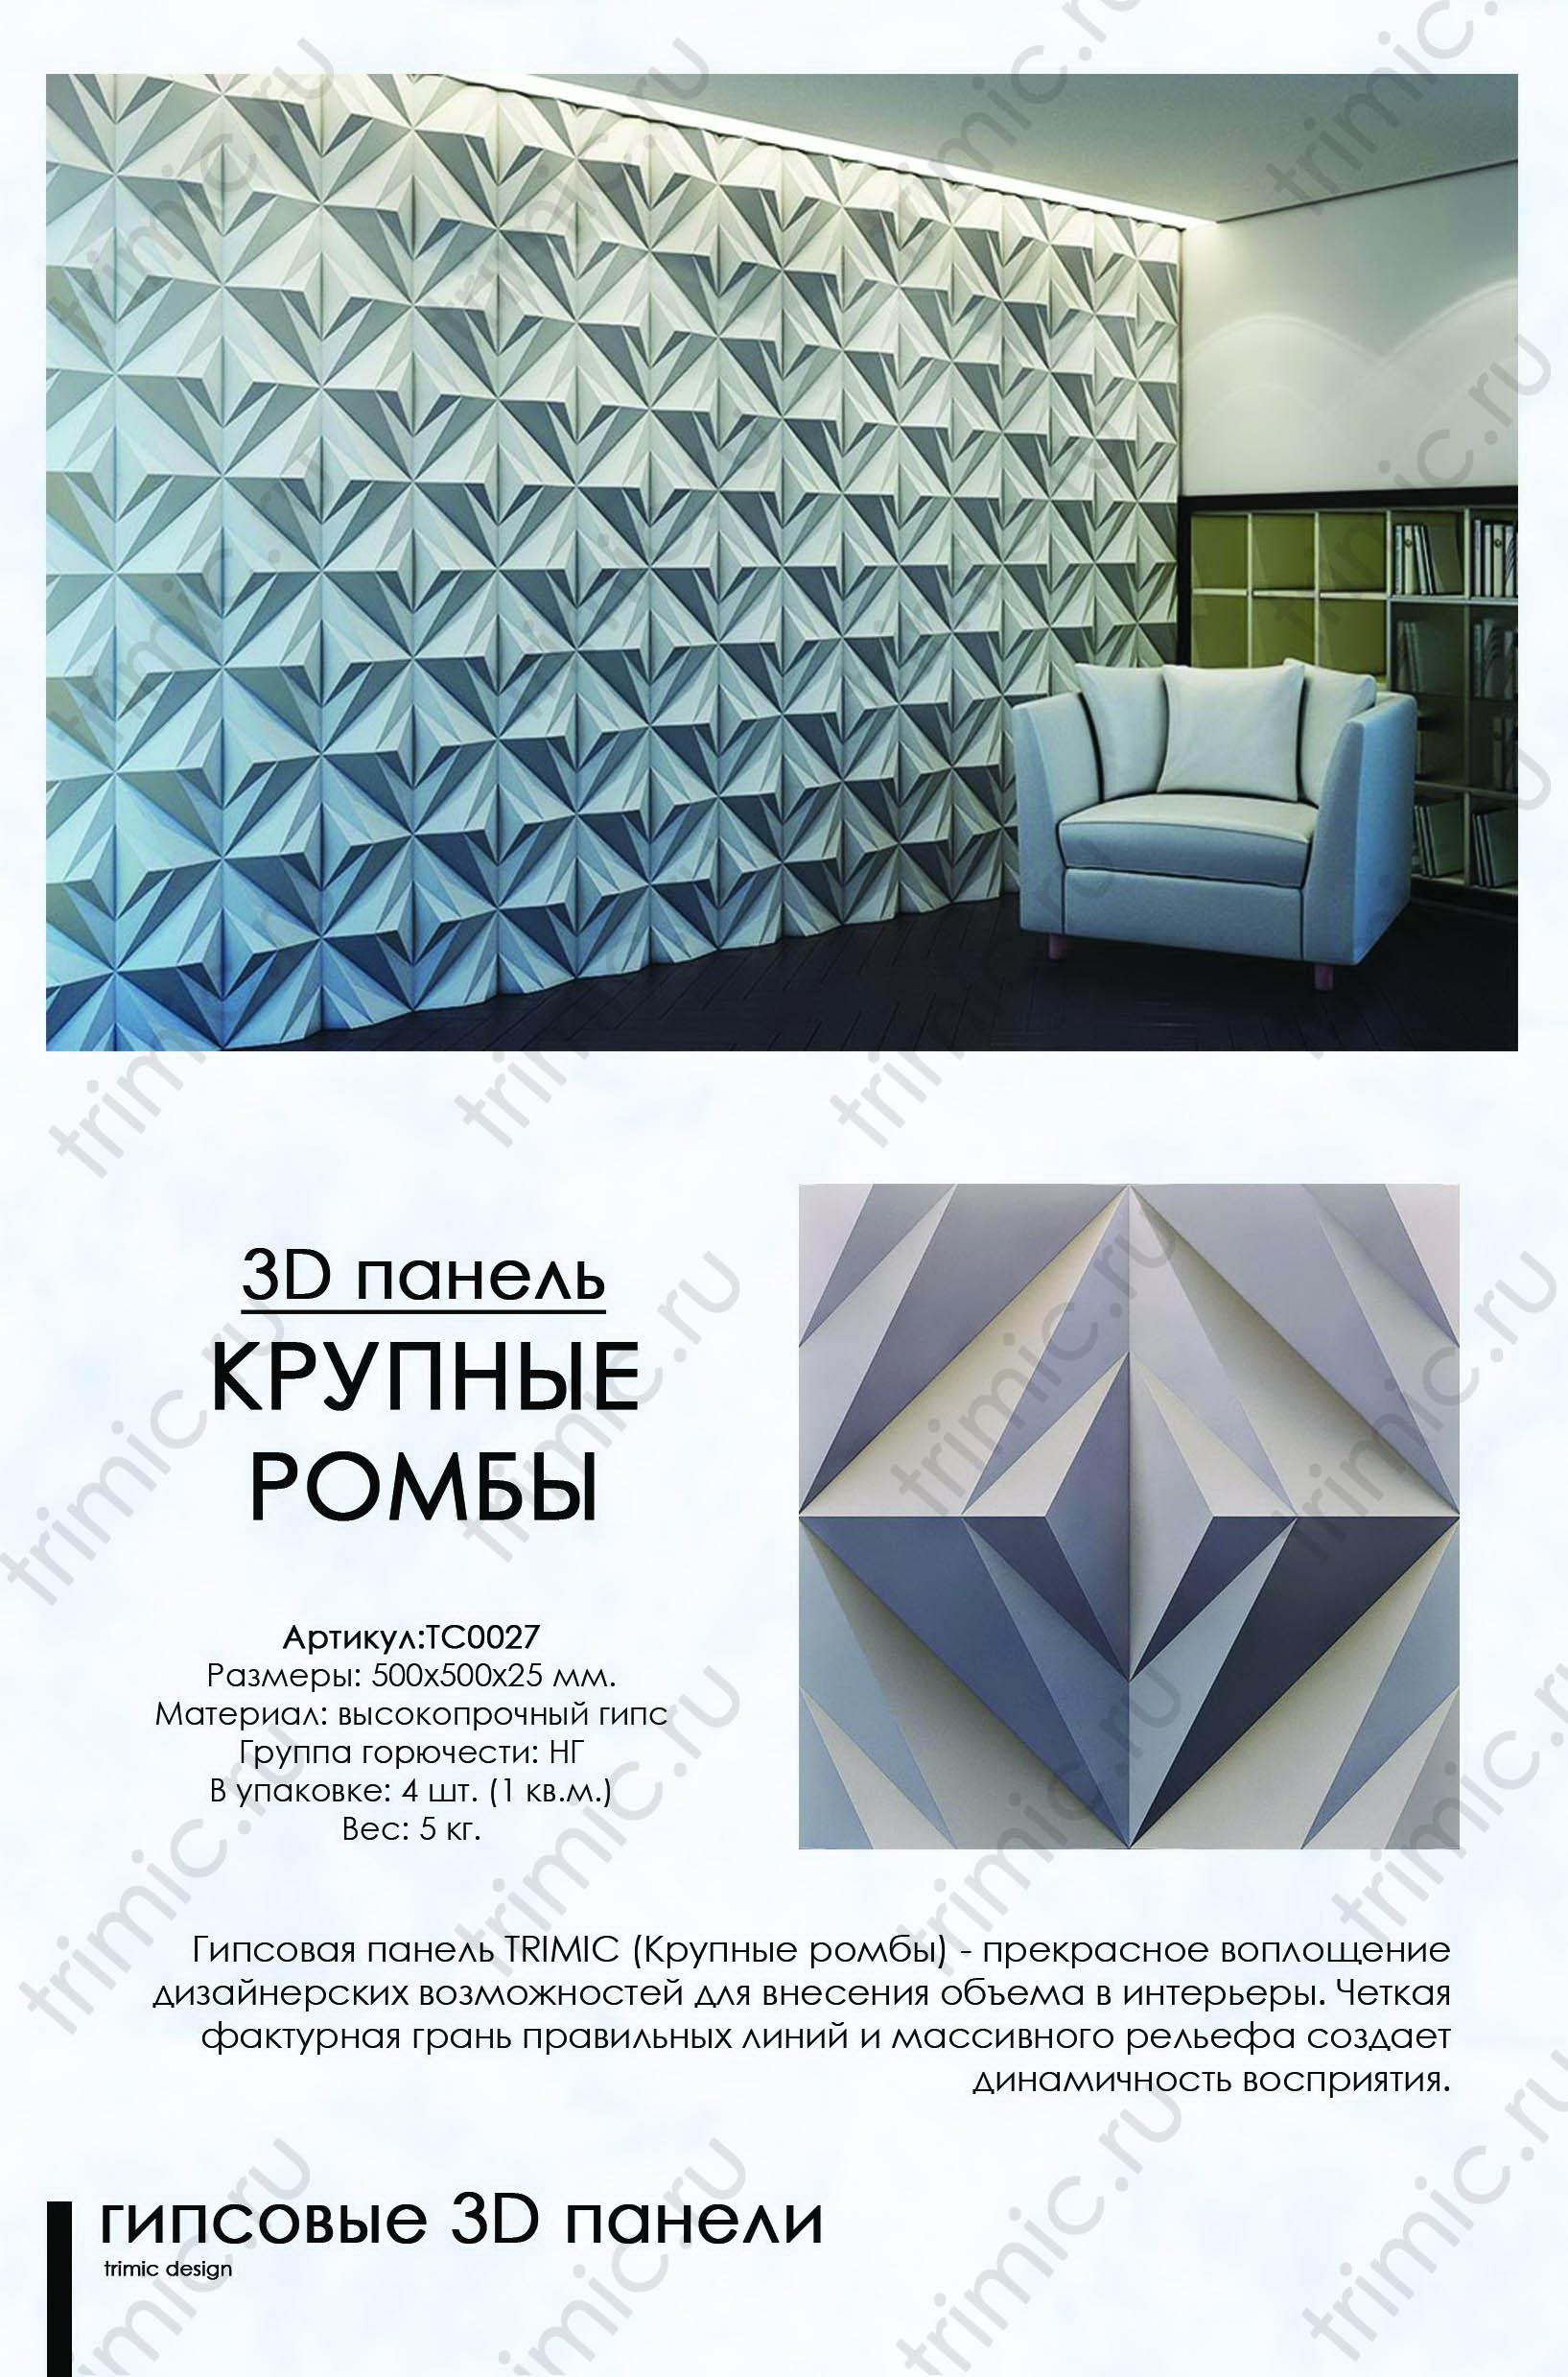 """3D панель из гипса """"Крупные ромбы"""" для интерьерного оформления стен."""